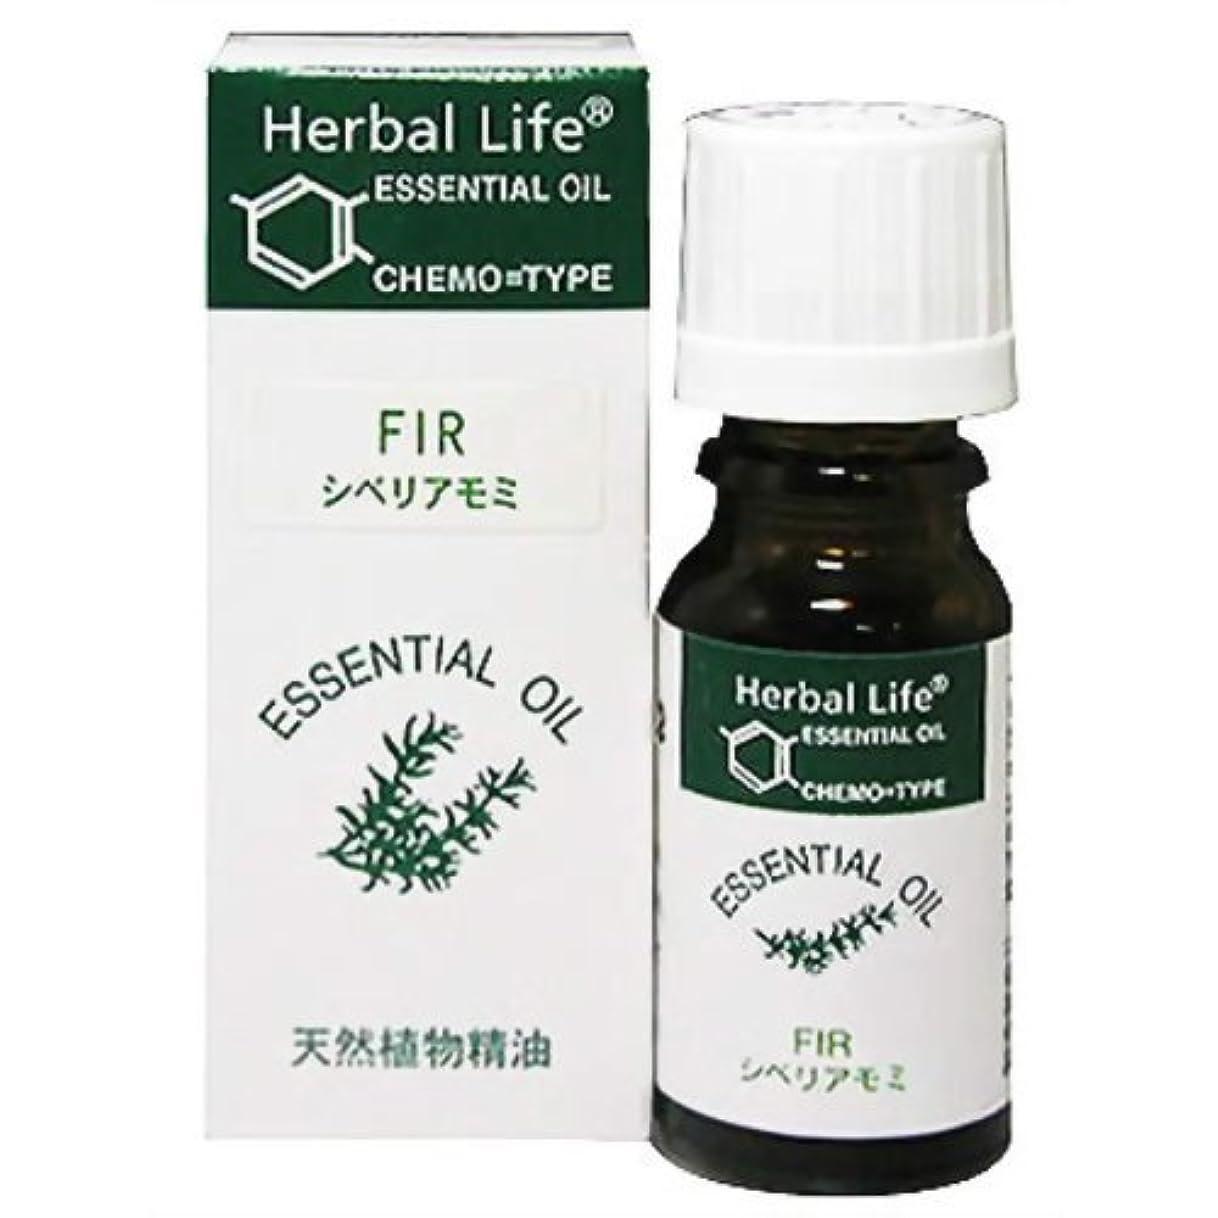 消毒するルート密輸生活の木 Herbal Life シベリアモミ 10ml